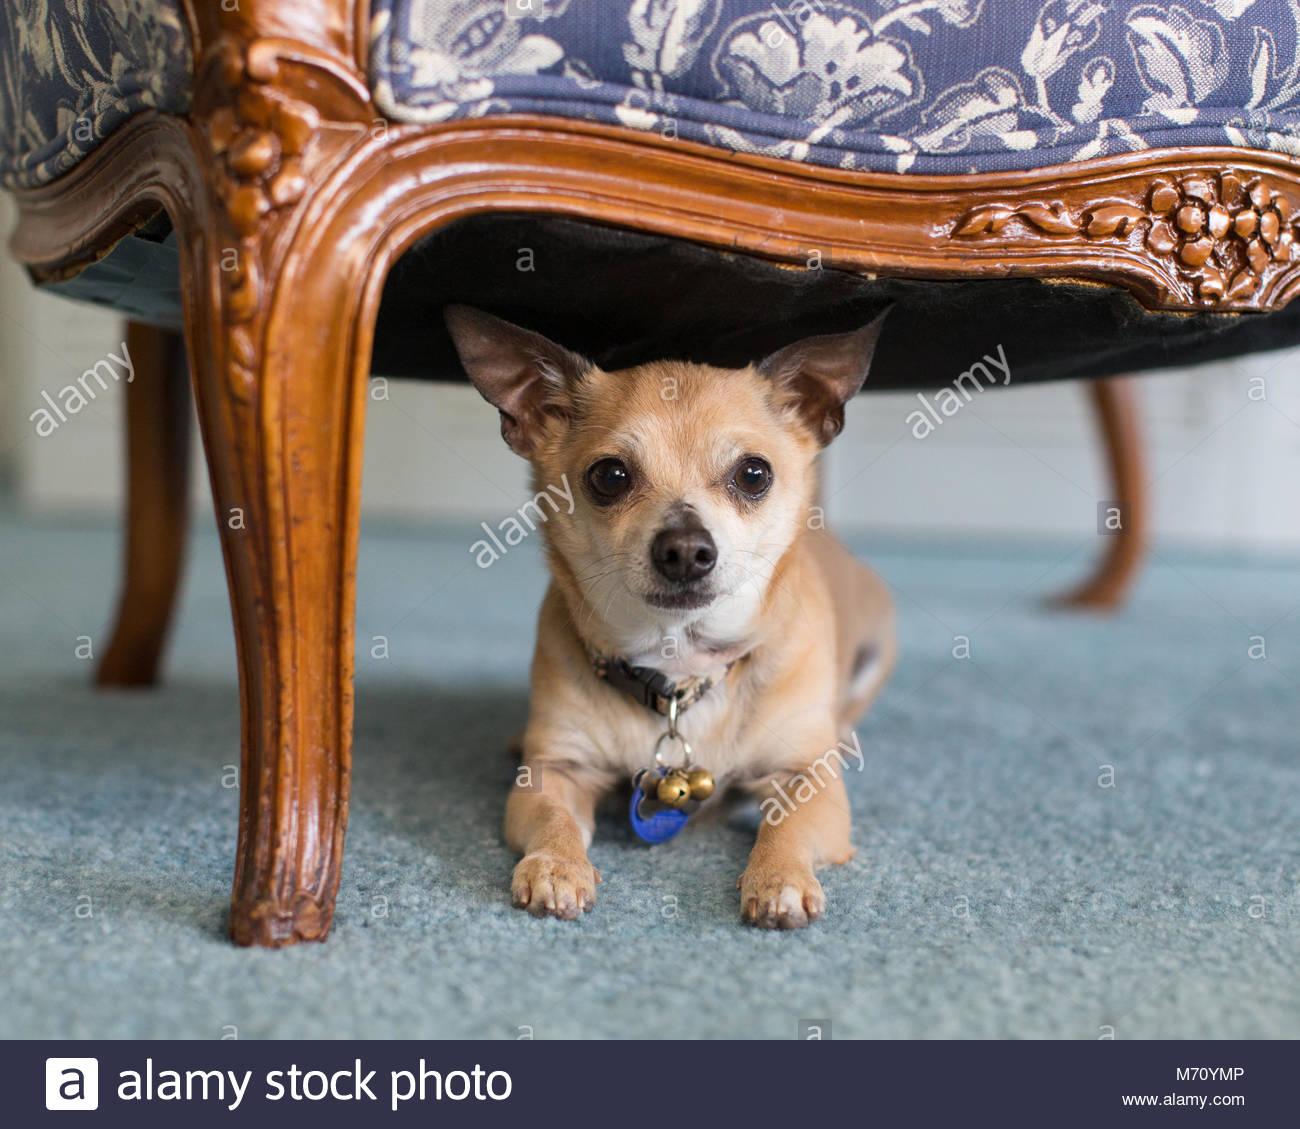 Tan Chihuahua zur Festlegung auf blauen Teppich unter einem Stuhl in Richtung Kamera schaut Stockbild